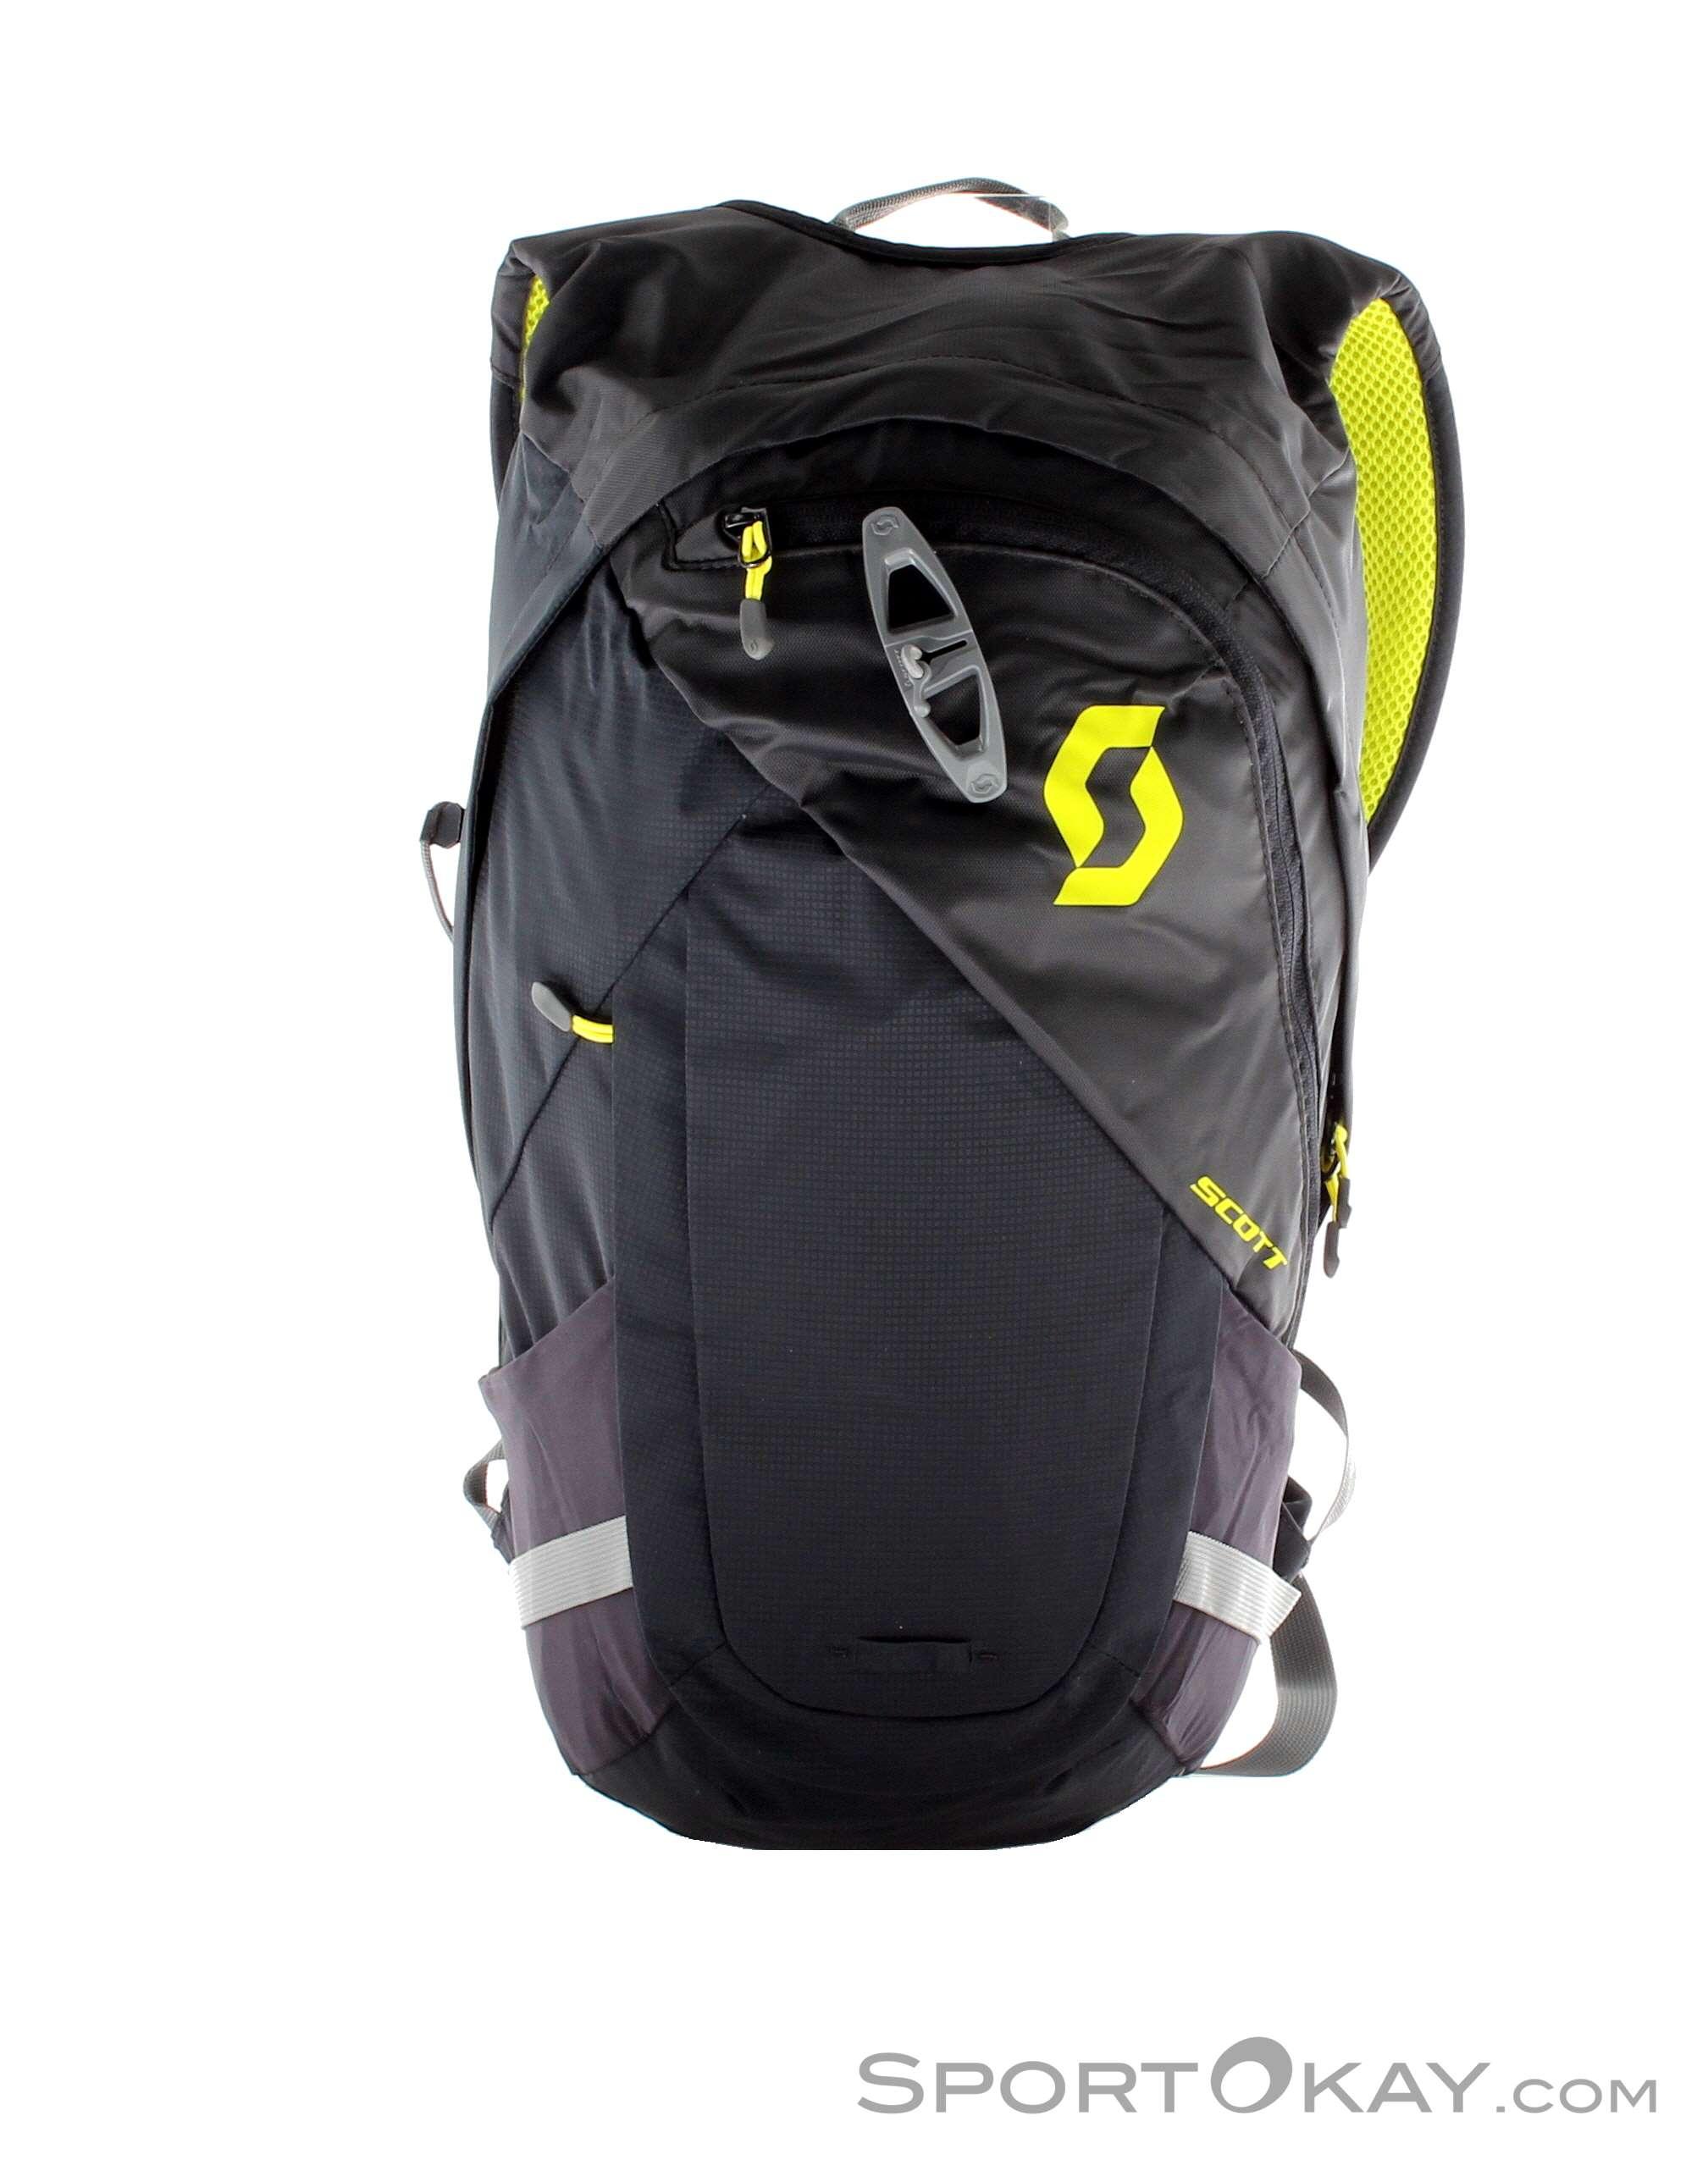 f168df00f734b Scott Perform HY 16l Bike Backpack - Bike Backpacks - Backpacks ...